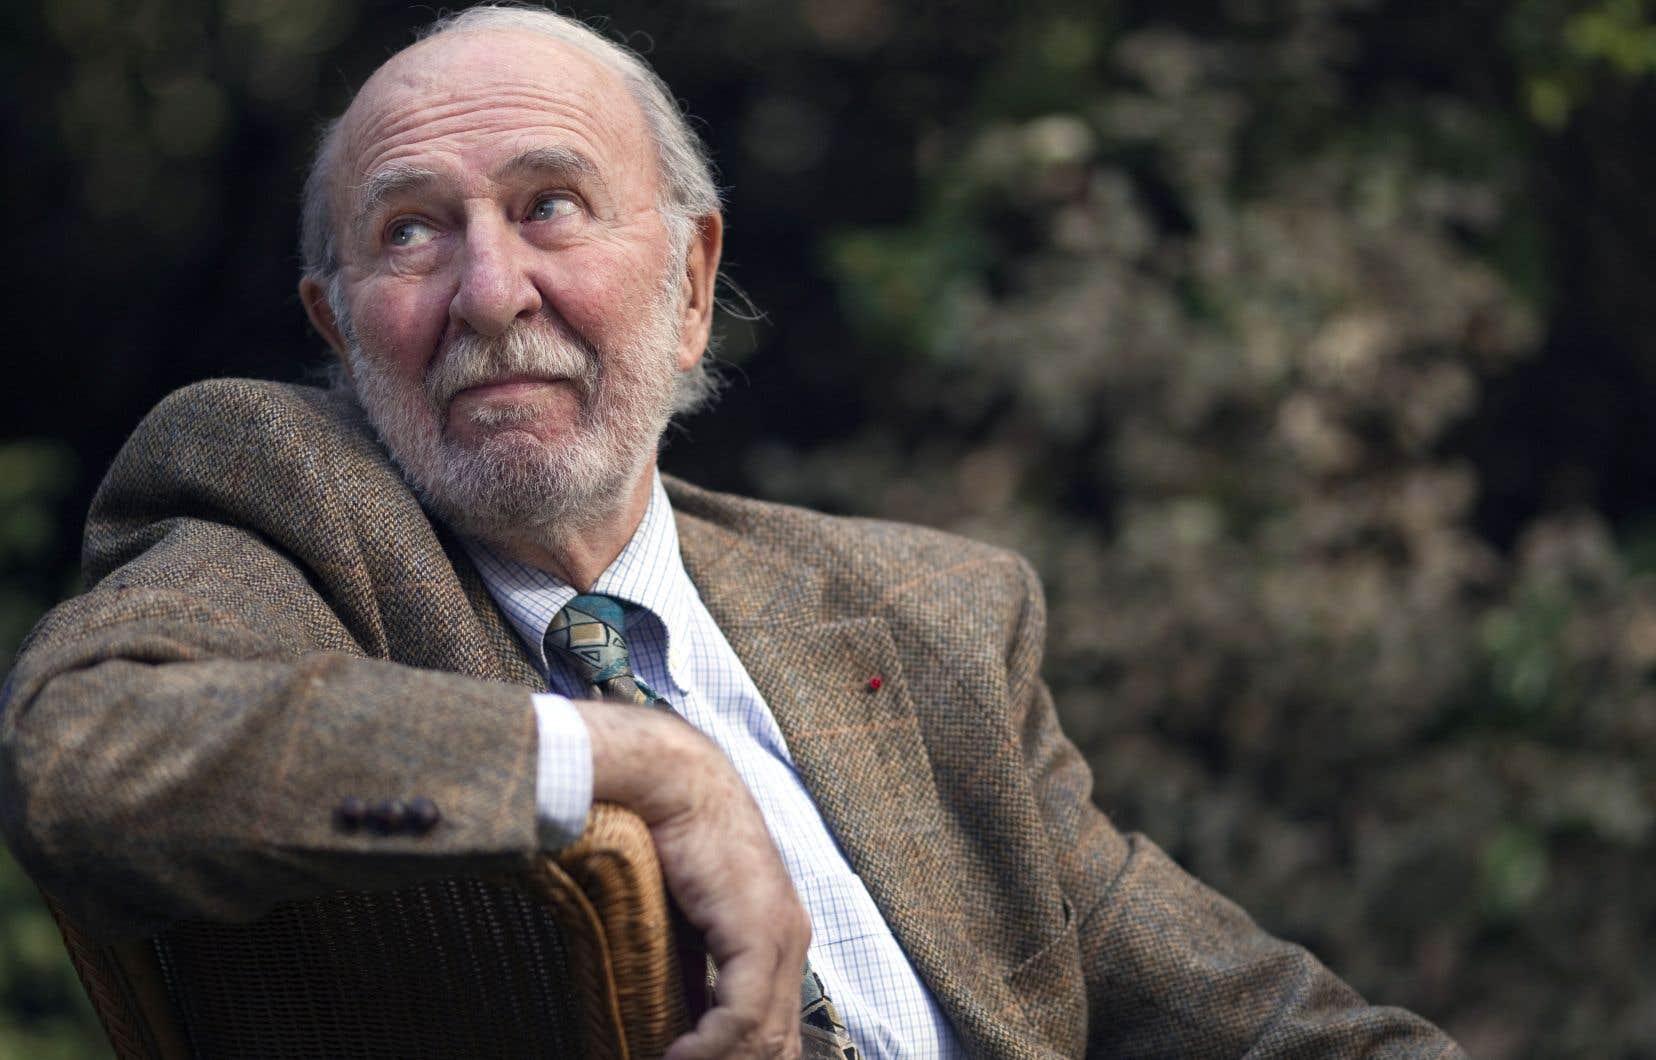 Reconnu pour sa voix caverneuse et railleuse, Jean-Pierre Marielle a joué dans une centaine de films, comiques et tragiques, d'auteur et grand public.